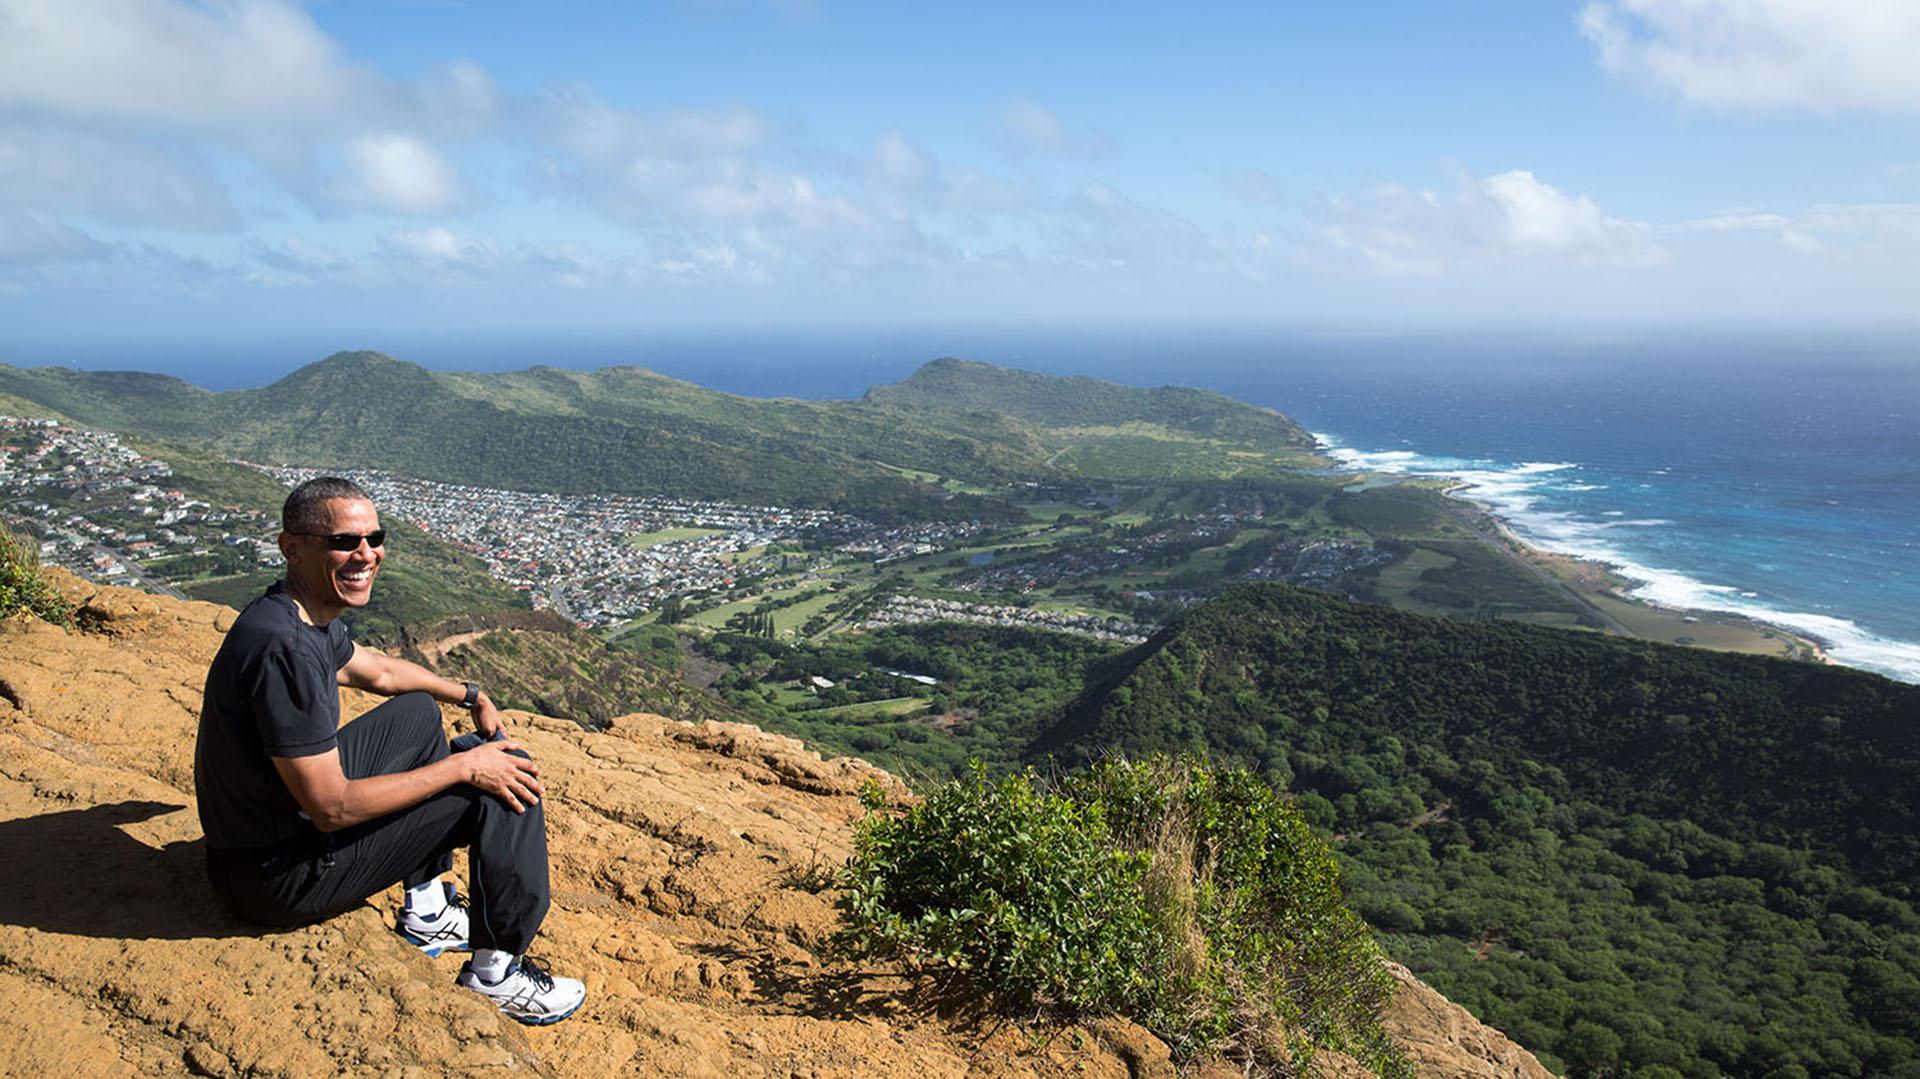 En la cima del crater de Koko Head, en Hawaii, lueg de trepar por una camino de 1,048 escalones de madera. (Official White House Photo by Pete Souza).